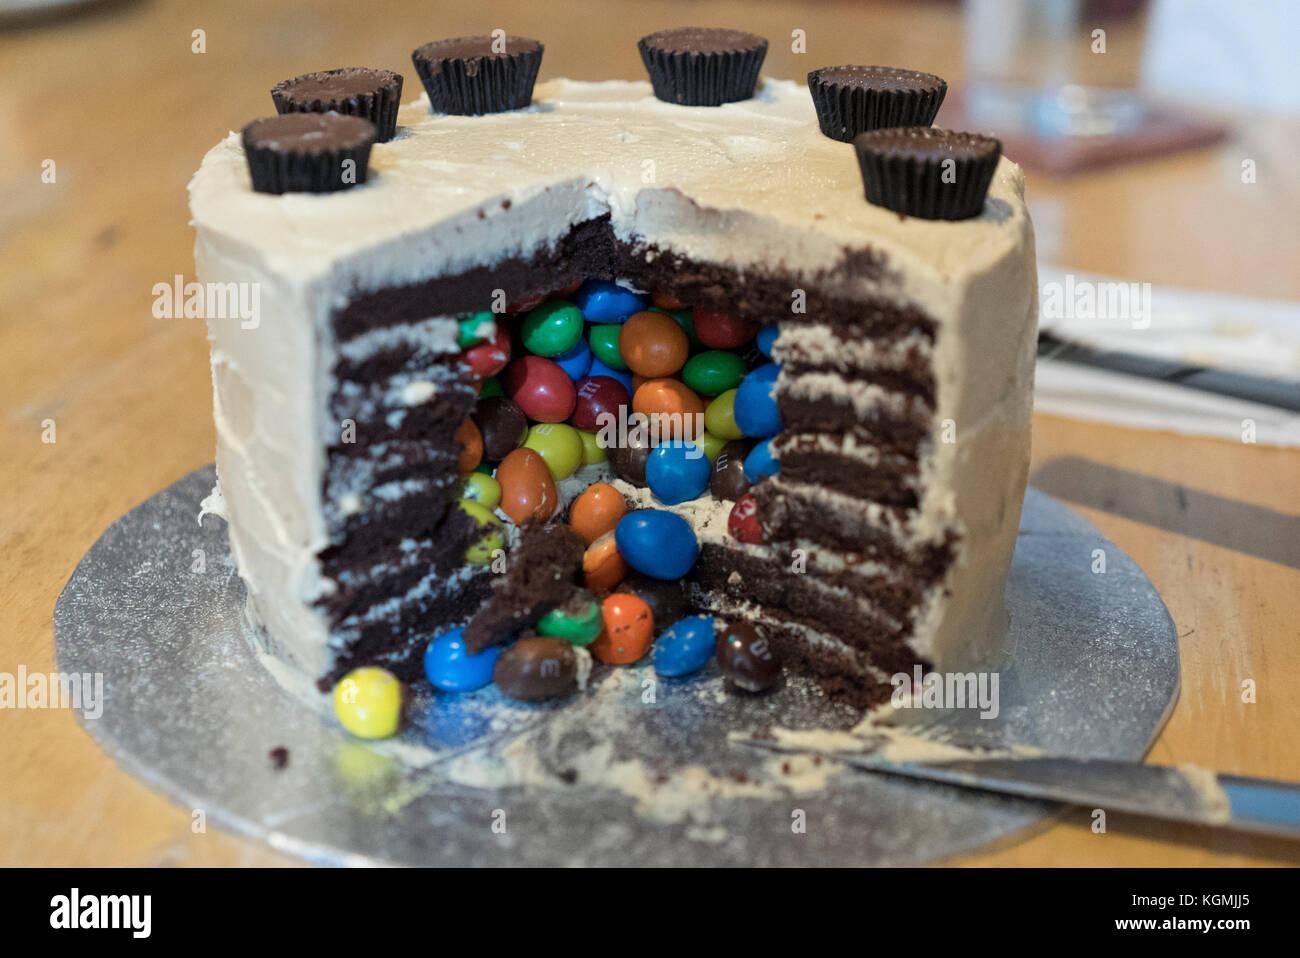 Reich verzierte fancy Geburtstagstorte aus Schokolade Schwamm mit Erdnuss Vereisung und umschließenden Erdnuss Stockbild